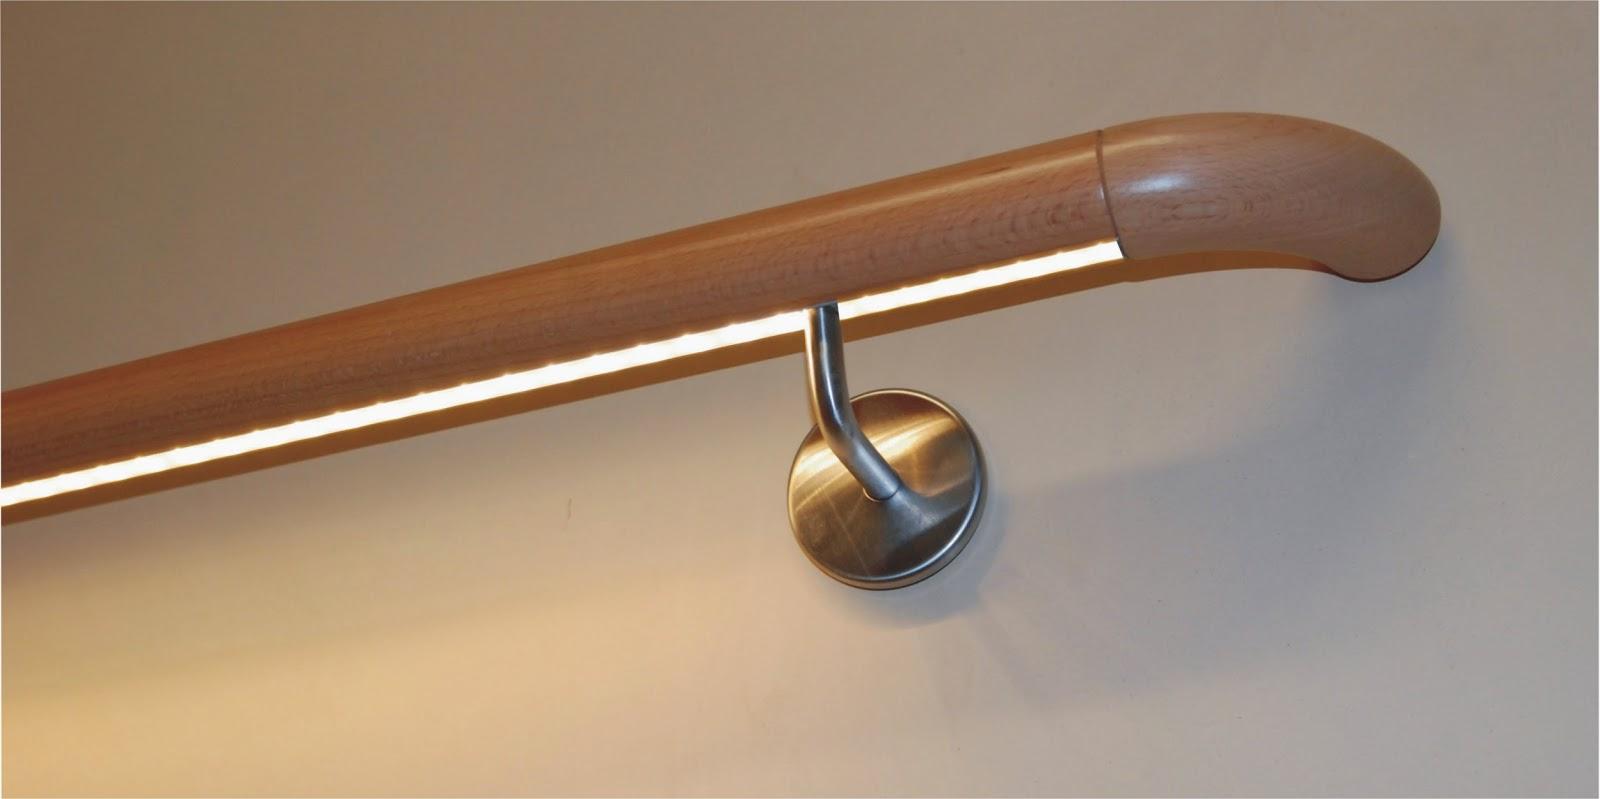 Treppenrenovierung - Treppenbeleuchtung im Handlauf